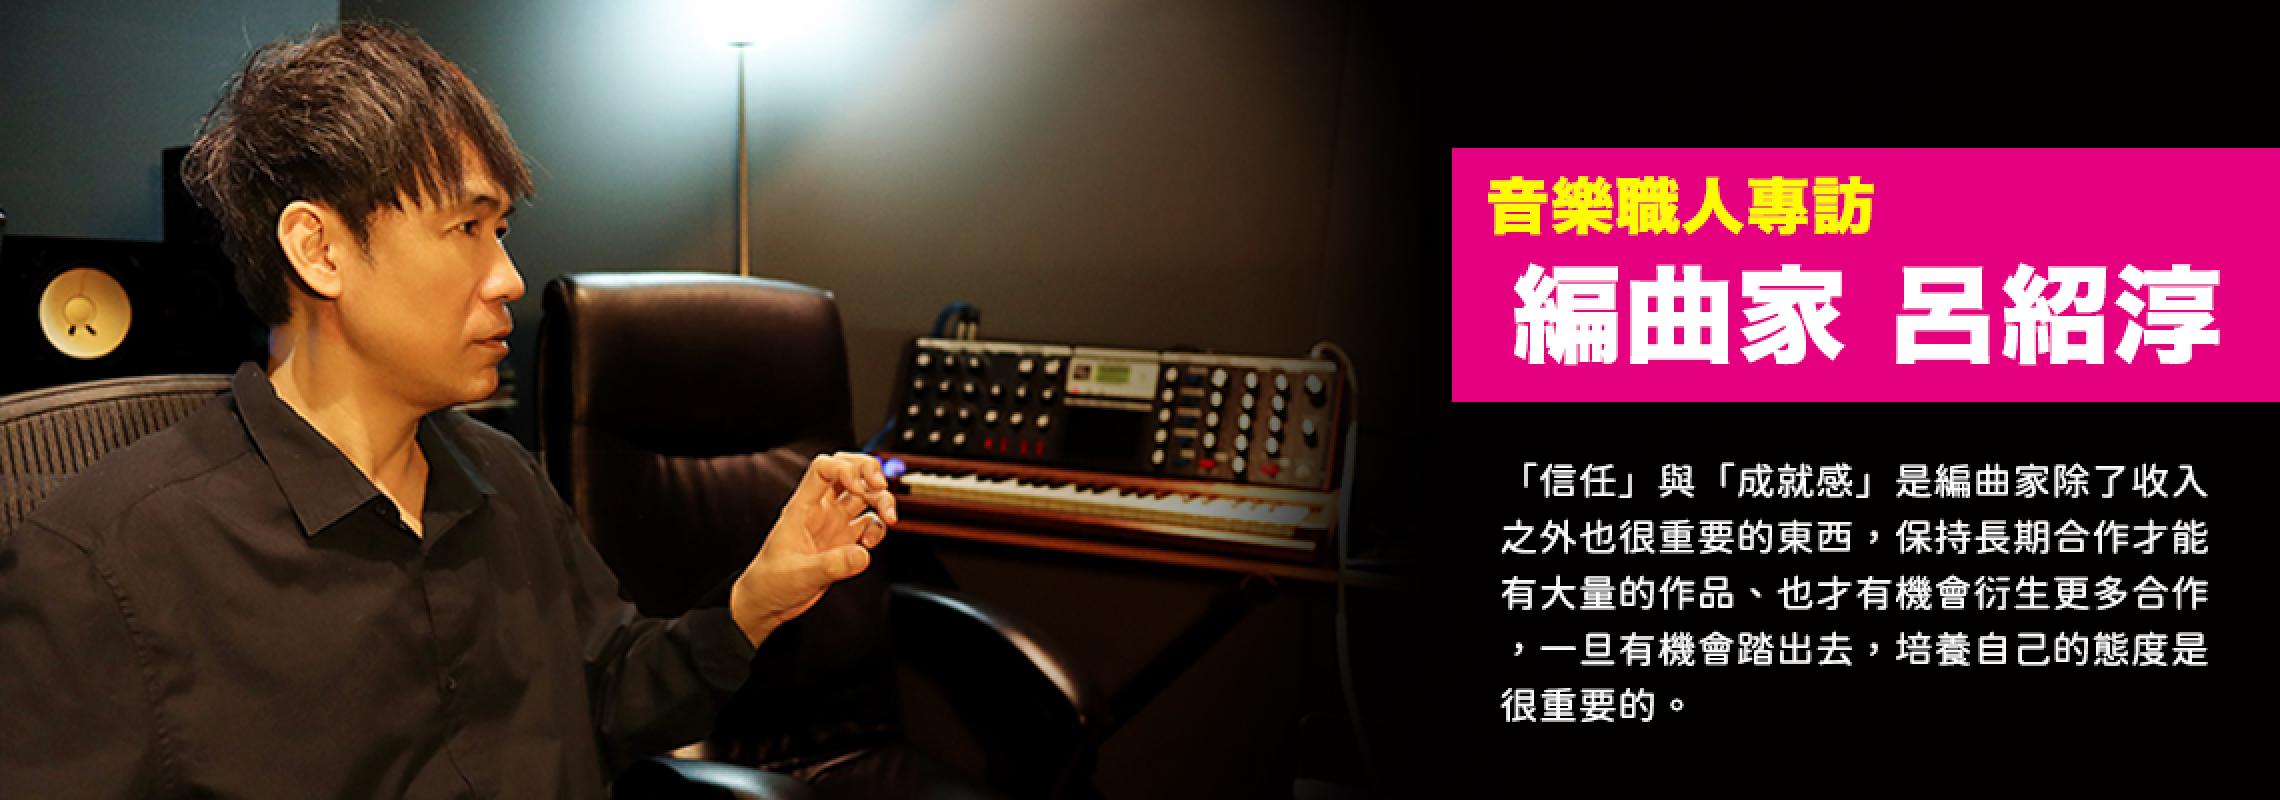 【專訪】金曲編曲家:呂紹淳  老師 -保持高度的熱忱,持續學習踏進編曲之路!